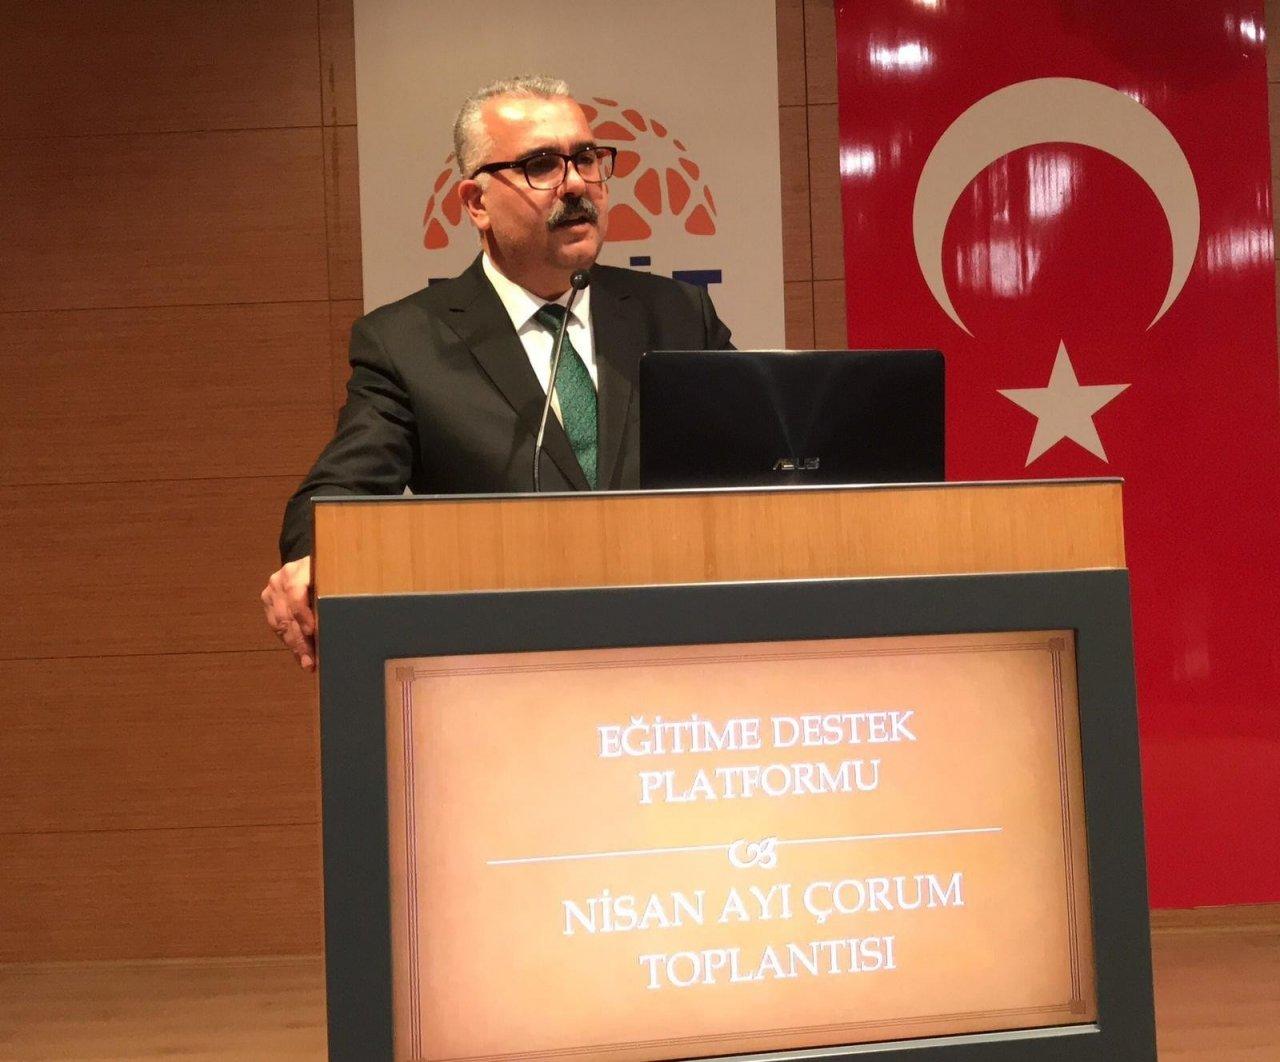 """Ak Parti Çorum İ̇l Başkanı Yusuf Ahlatcı: """"bu Millete Parmak Sallamak Hiç Kimsenin Haddine Değildir"""""""